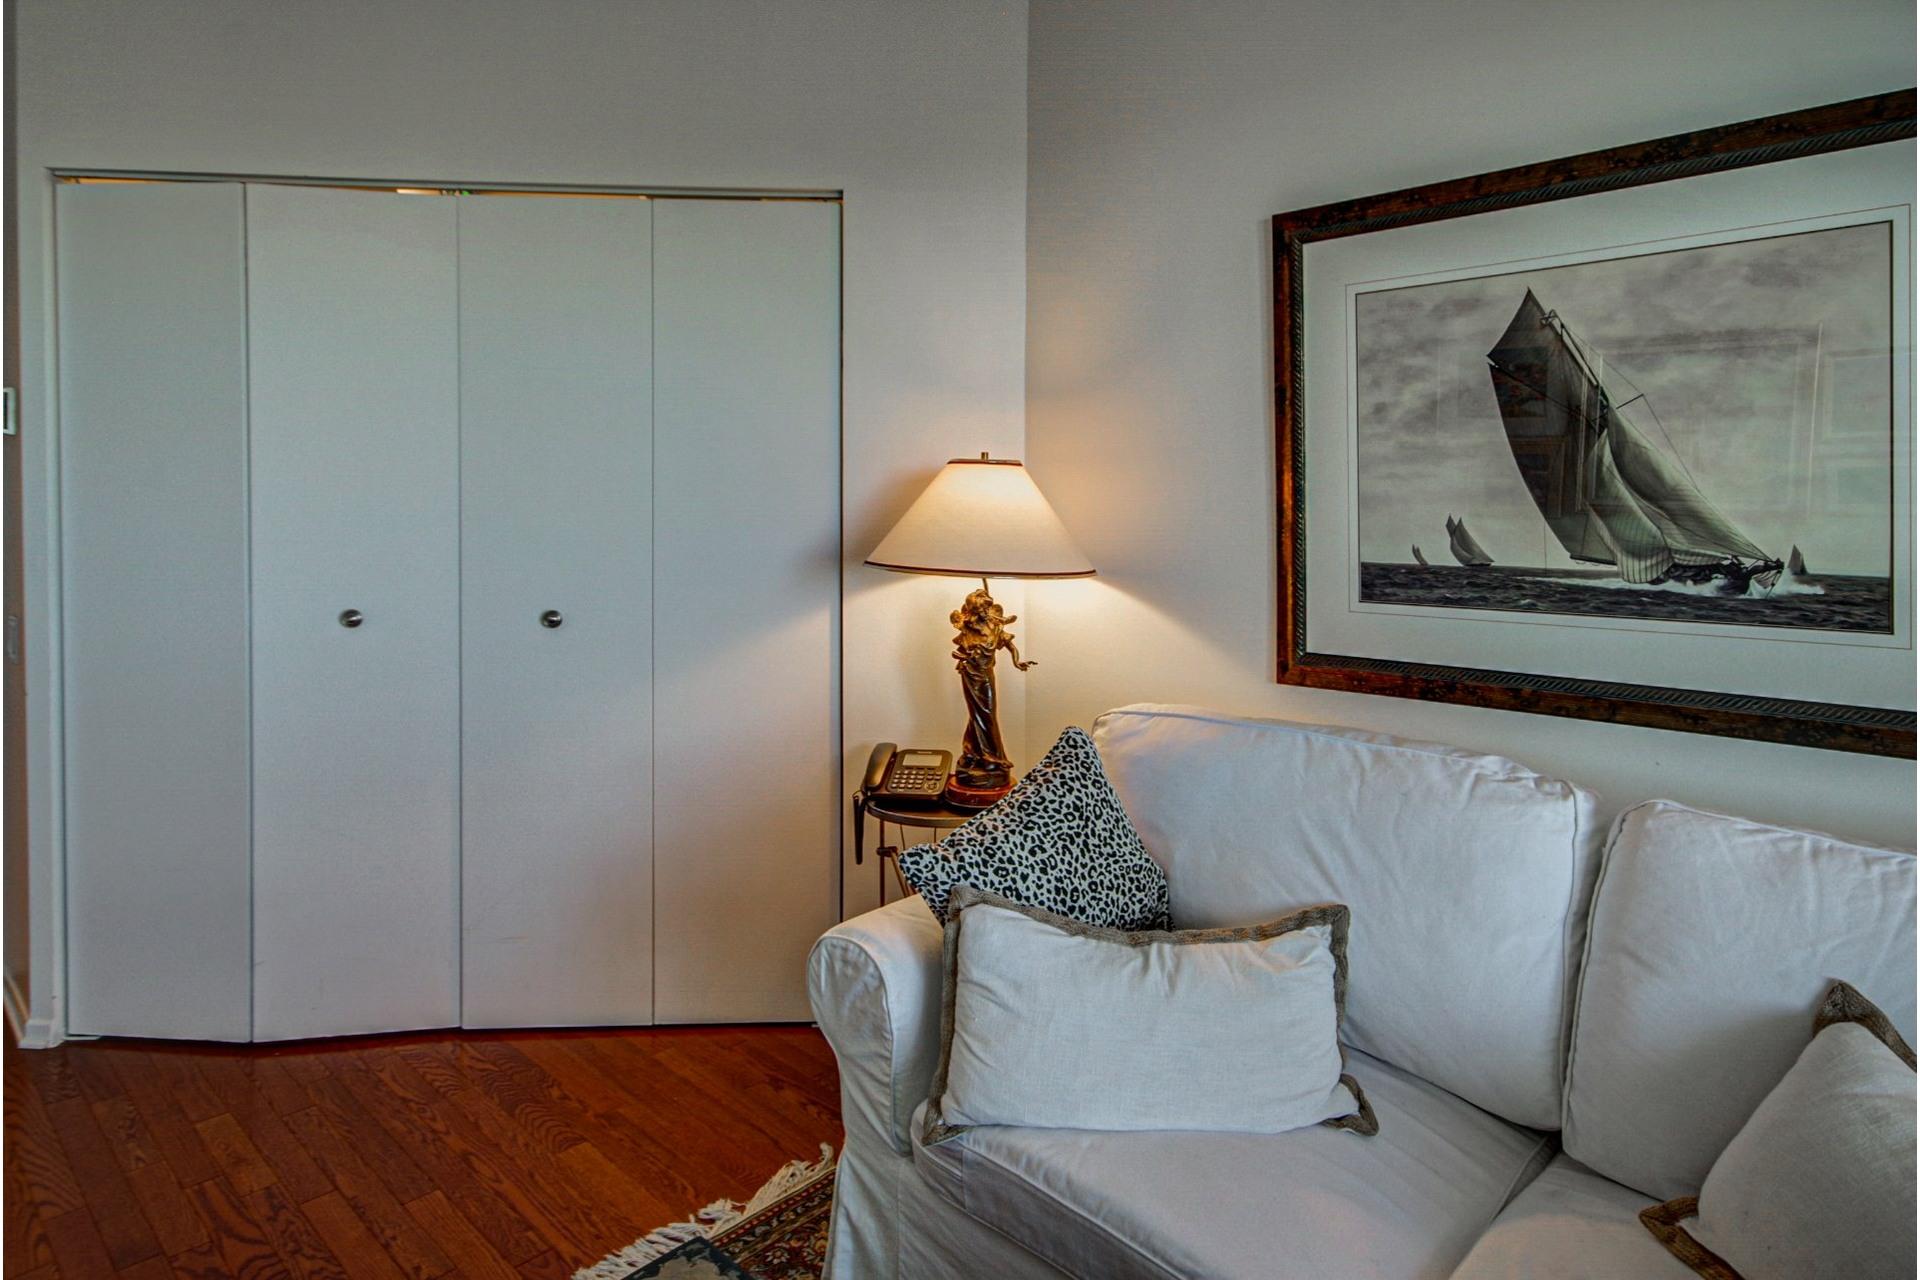 image 21 - Apartment For sale Côte-des-Neiges/Notre-Dame-de-Grâce Montréal  - 5 rooms